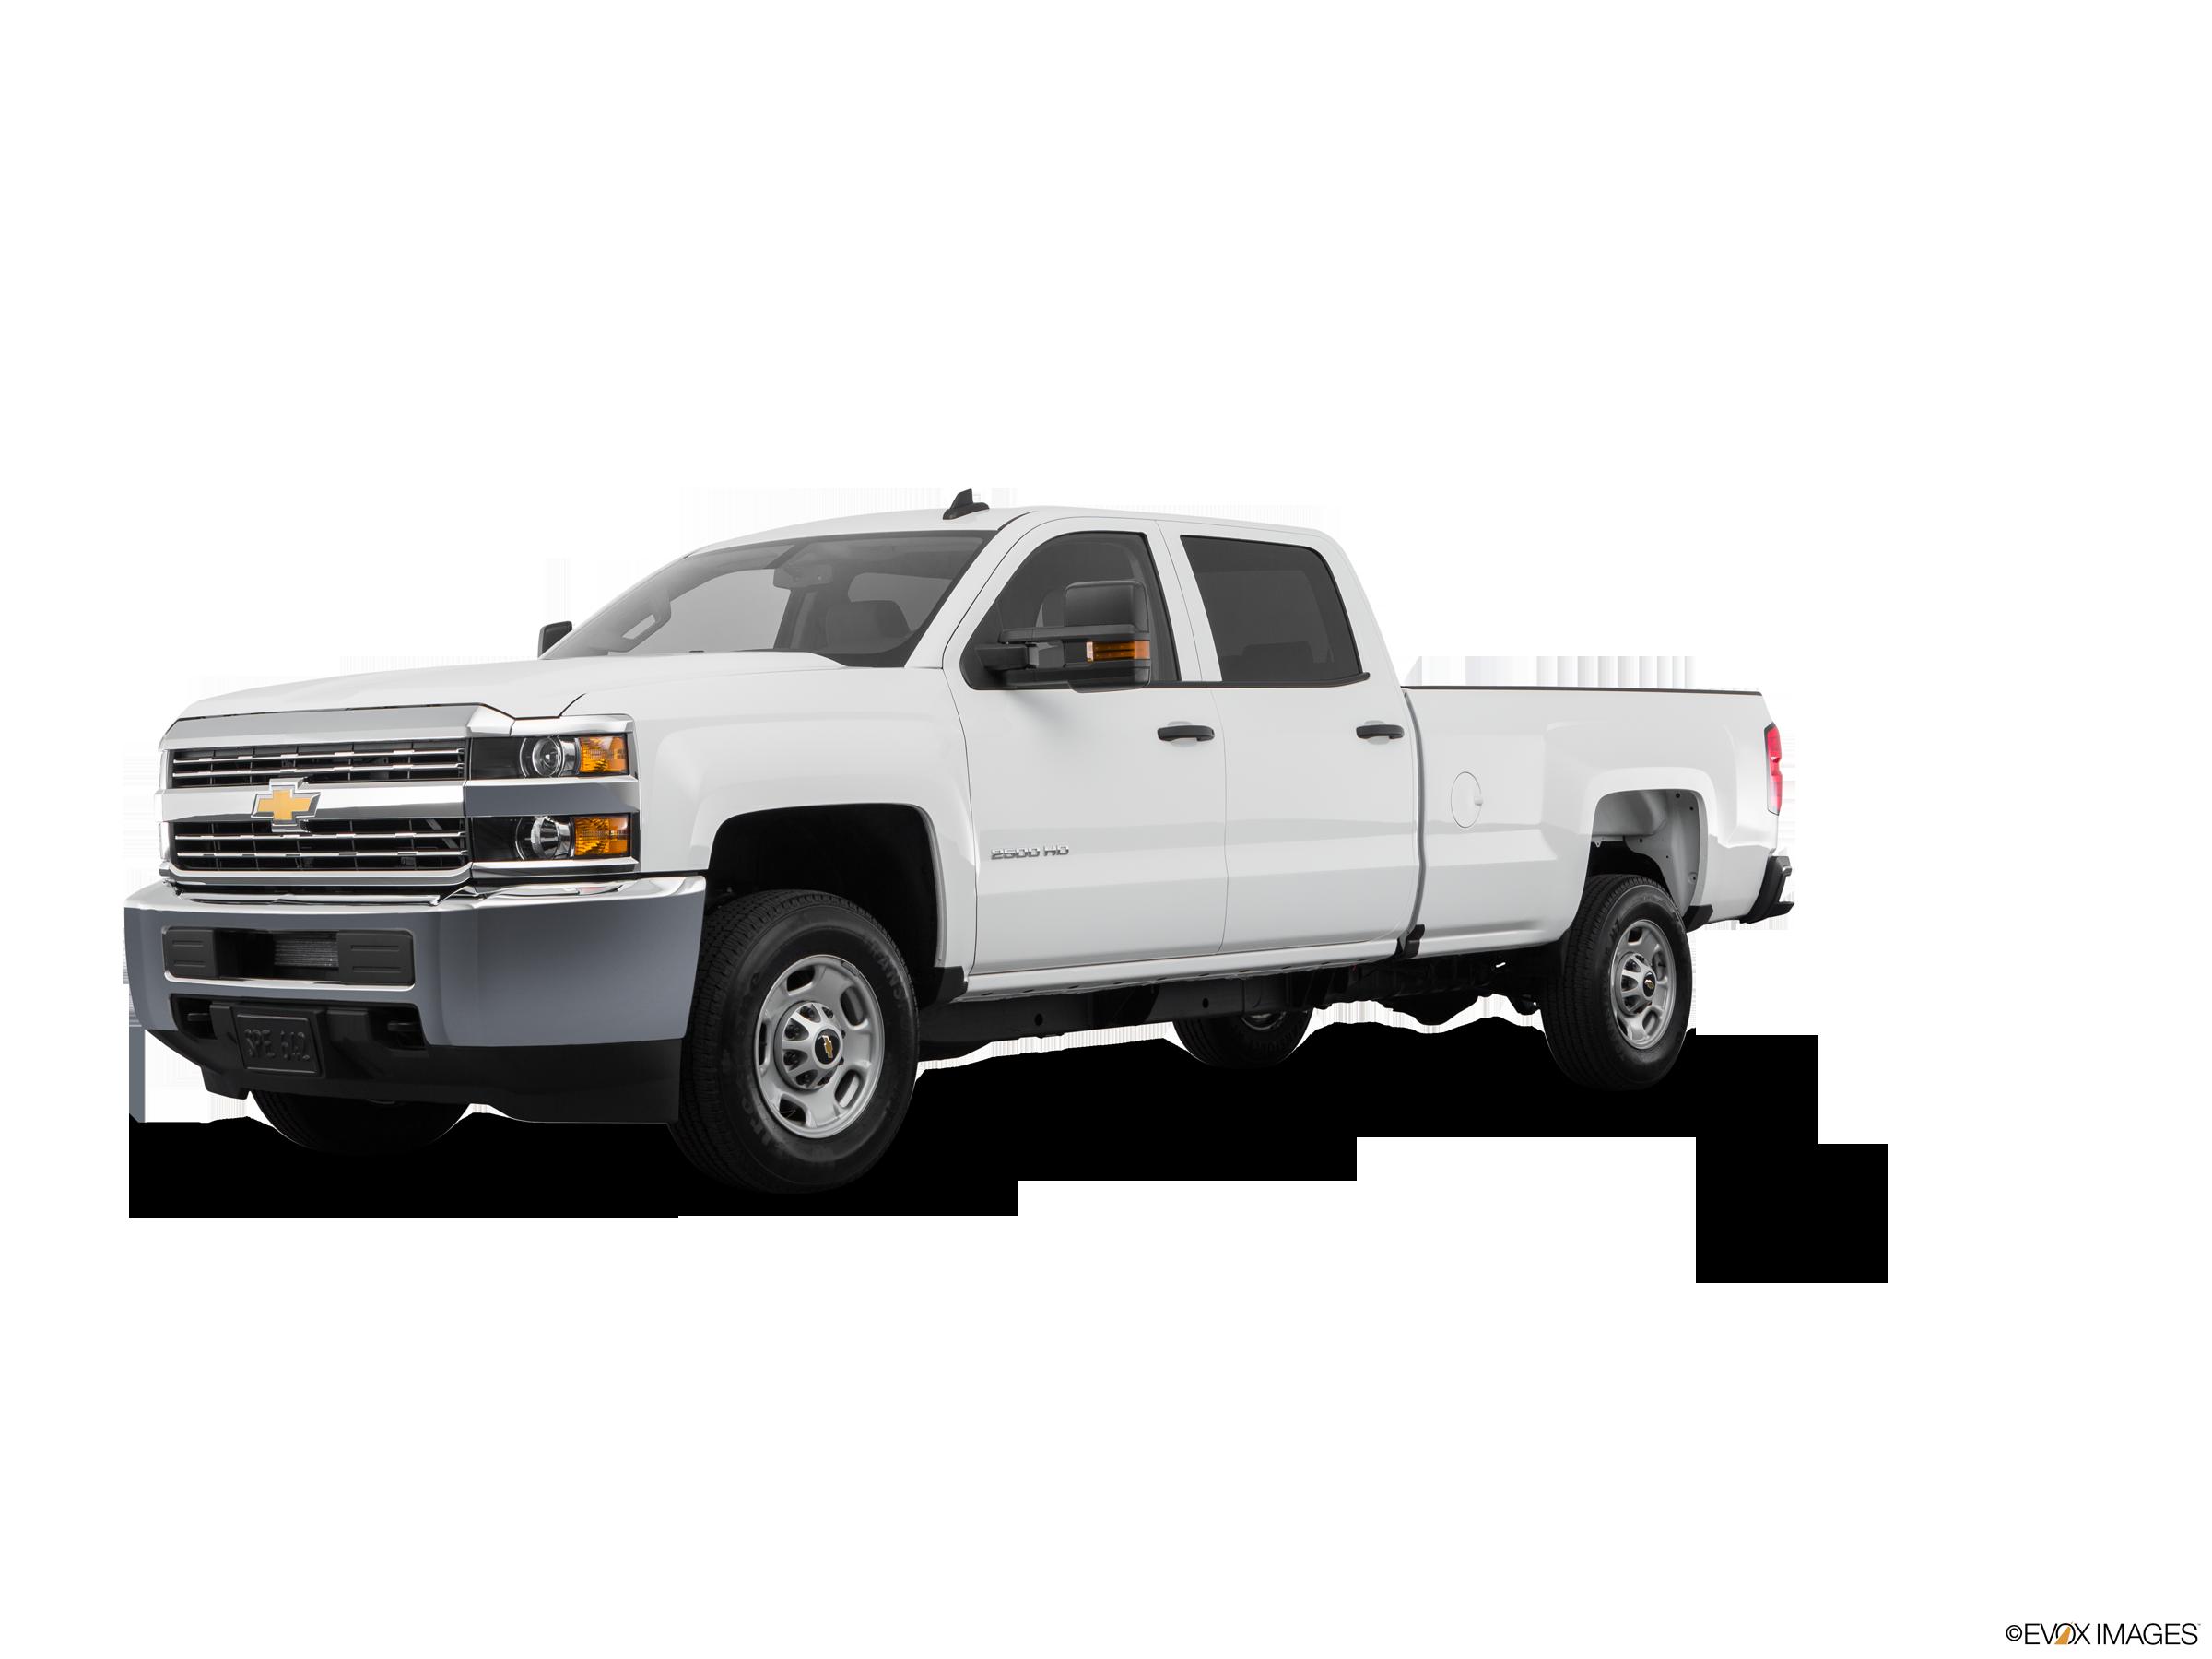 2018 Chevrolet Silverado 2500 HD Crew Cab | Pricing, Ratings